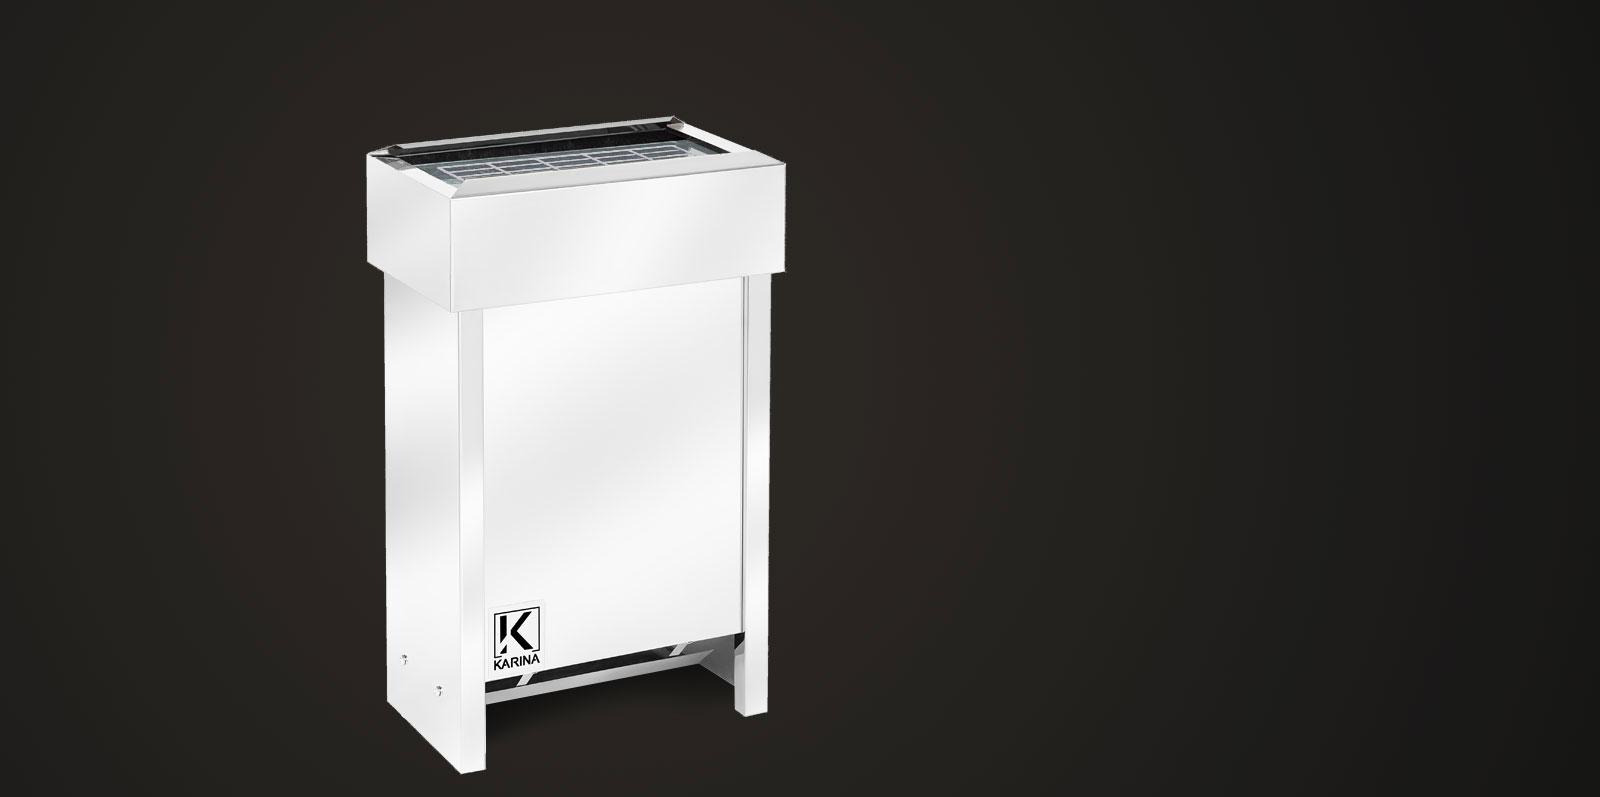 Электропечь KARINA Люкс в камне талькохлорит (Горизонтальный) 3 кВт